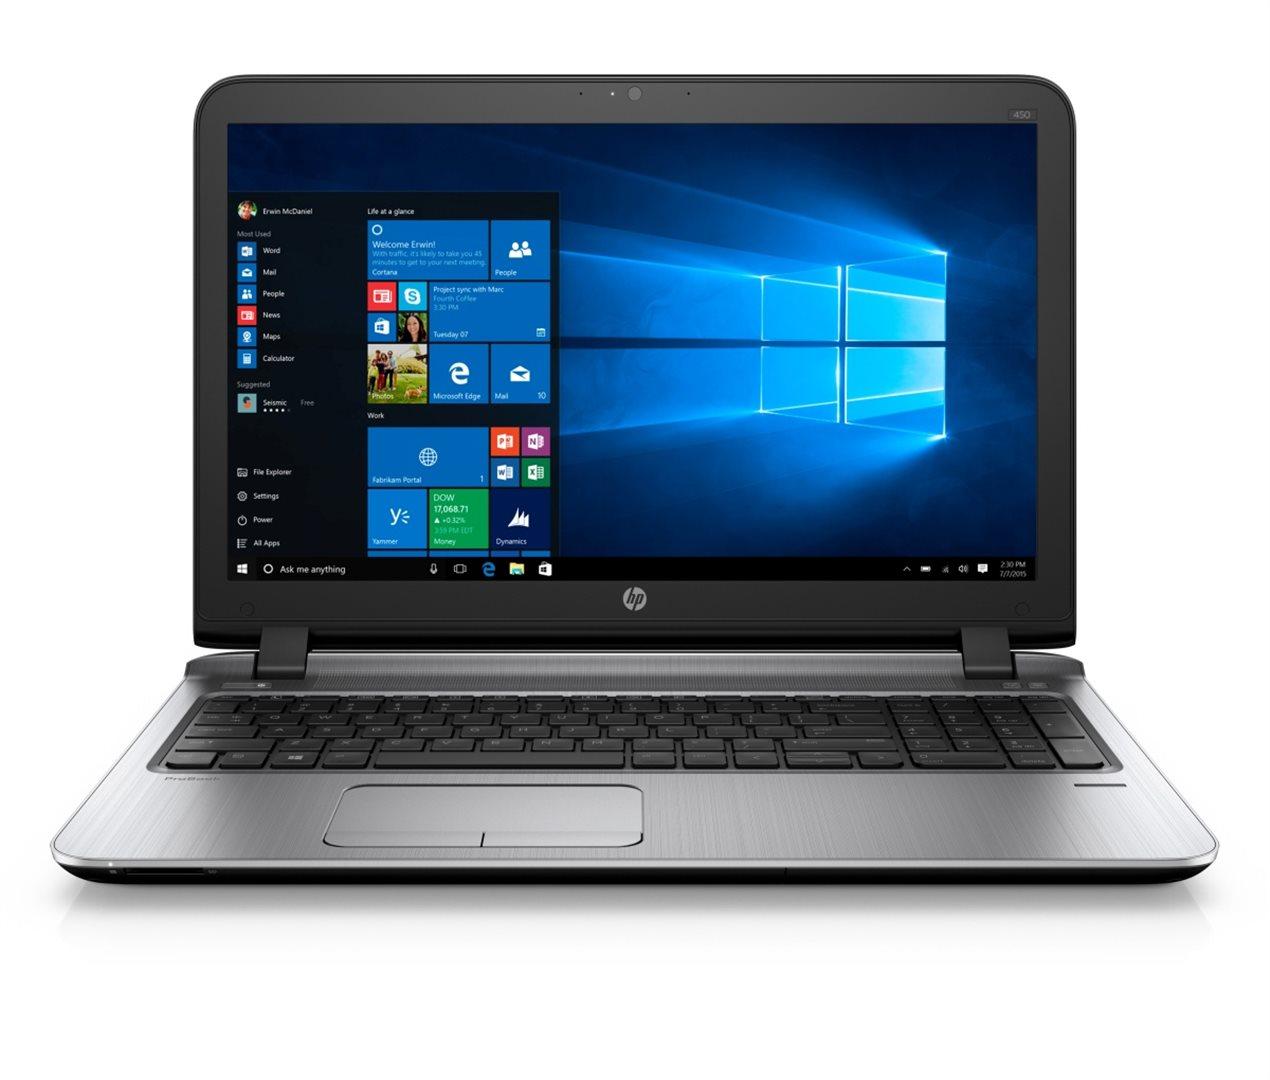 HP ProBook 450 G3 15.6'' HD/i3-6100U/4GB/500GB/DVD/VGA/HDMI/RJ45/WIFI/BT/MCR/FPR